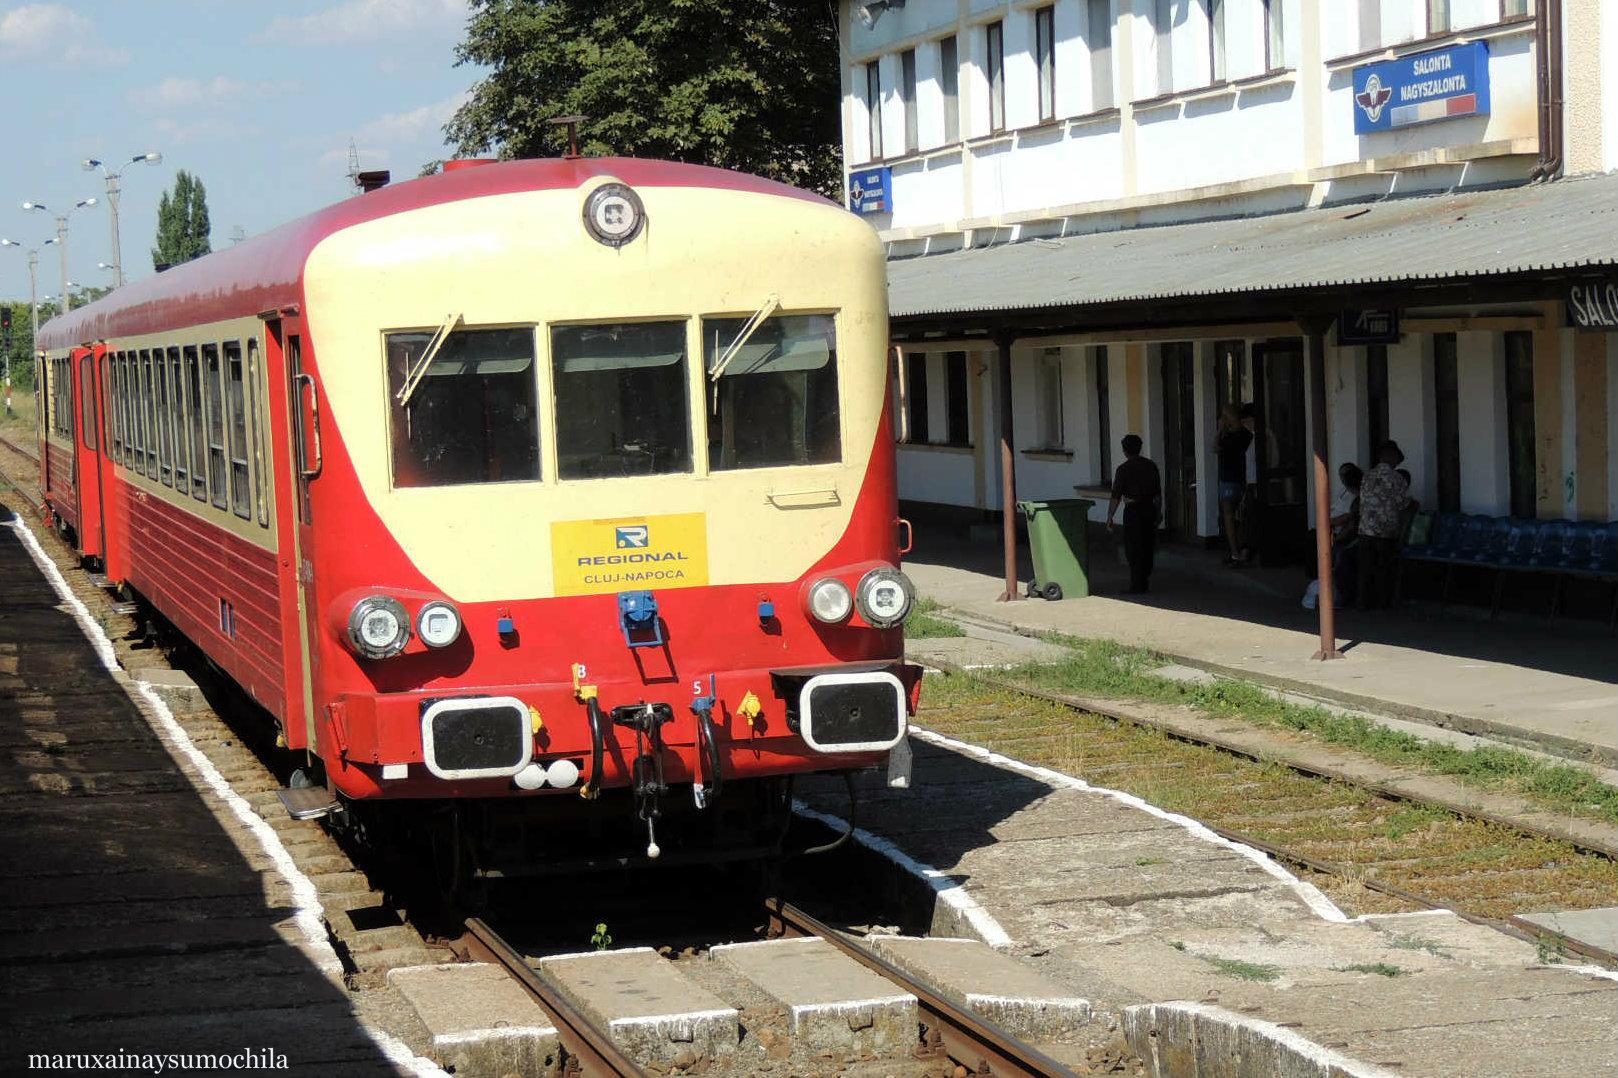 Rumania-en-tren-11